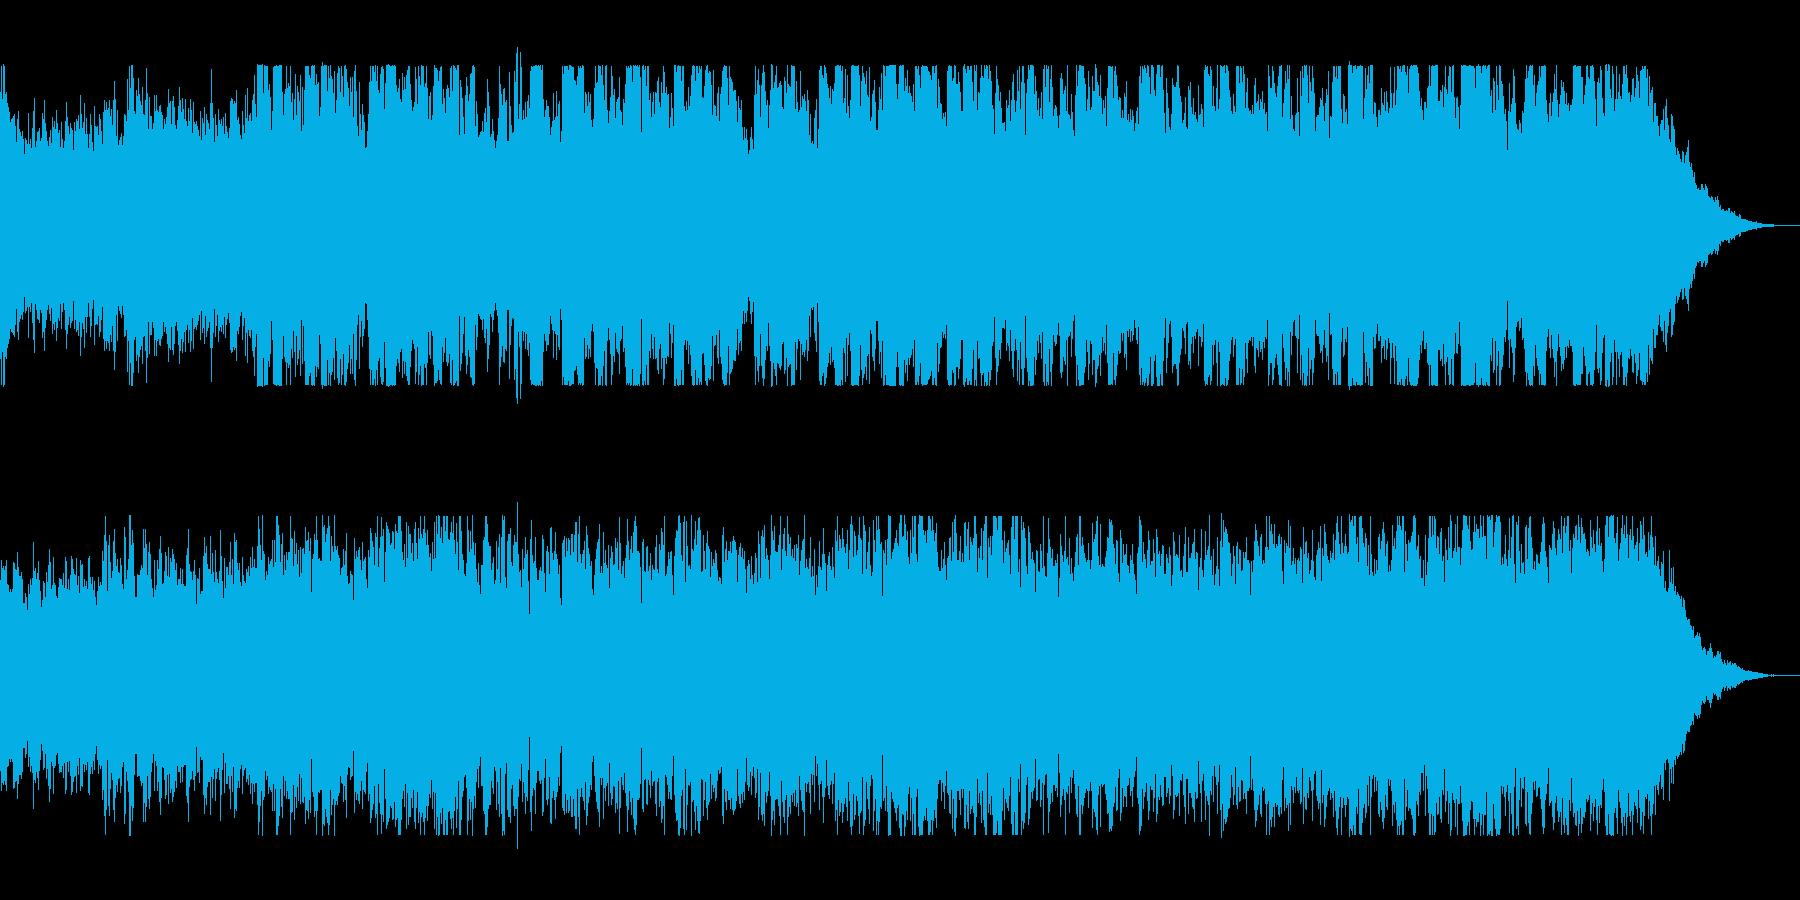 壮大で緩やかなオーケストラサウンドの再生済みの波形